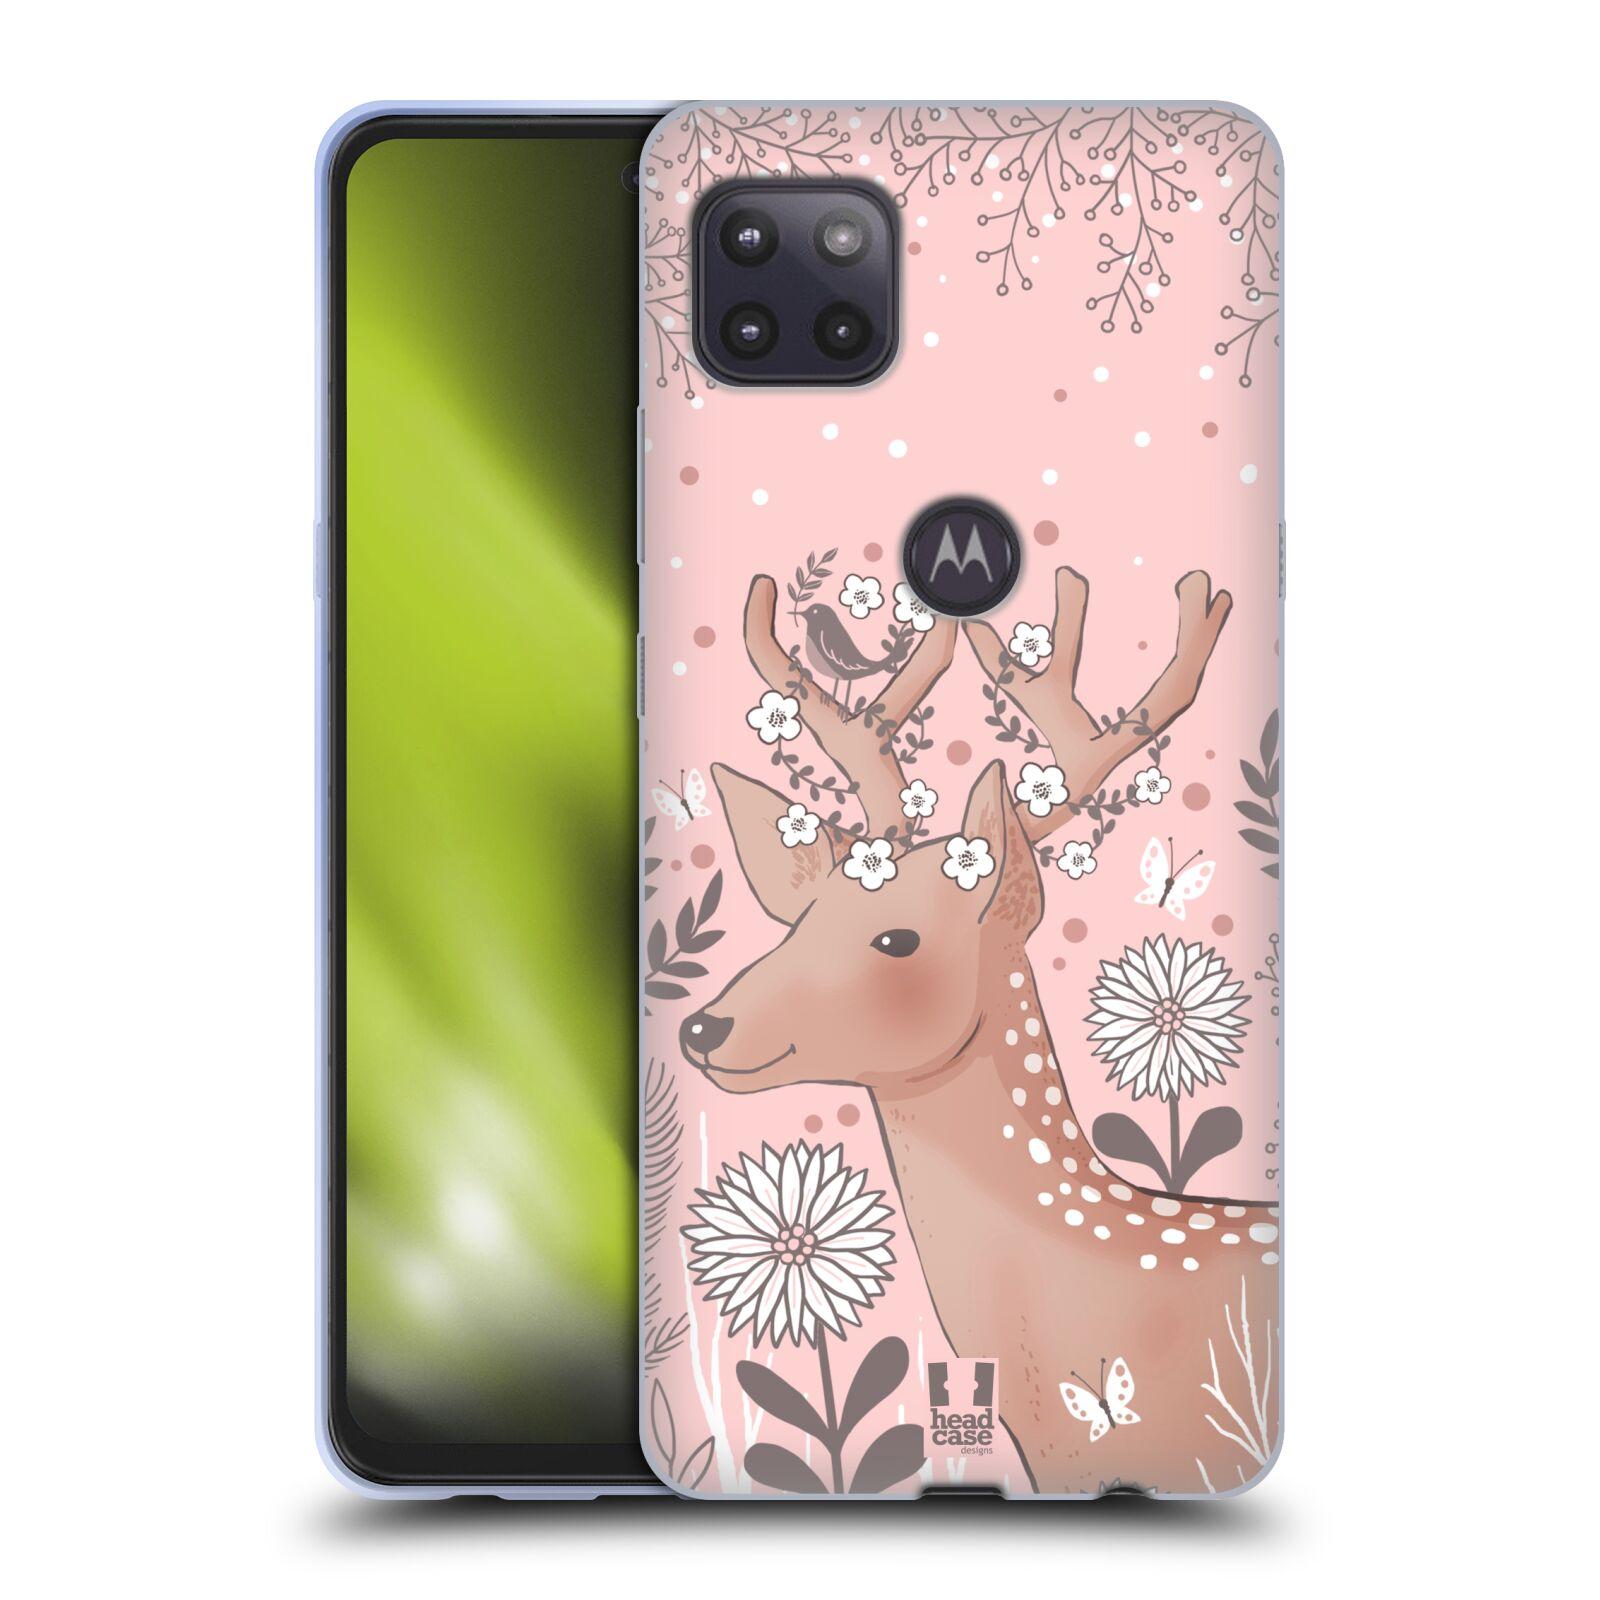 Silikonové pouzdro na mobil Motorola Moto G 5G - Head Case - Jelíneček